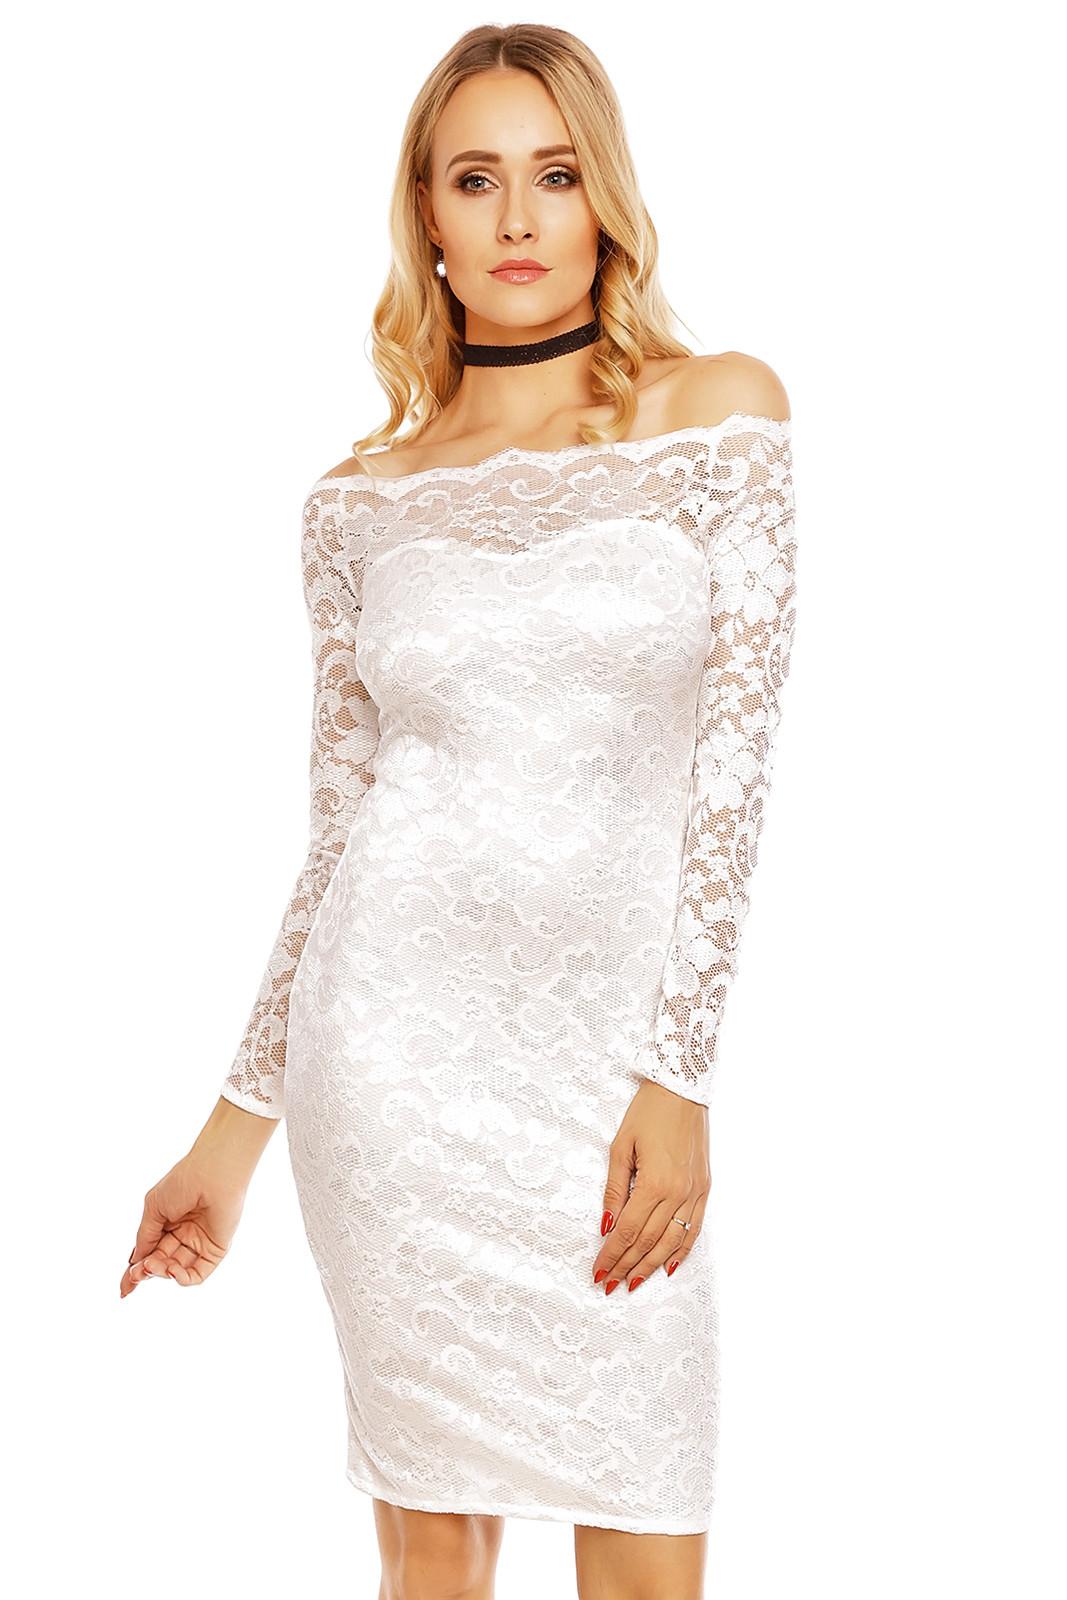 Dámské společenské šaty MAYAADI krajkové s dlouhým rukávem krátké bílé e423a993b5